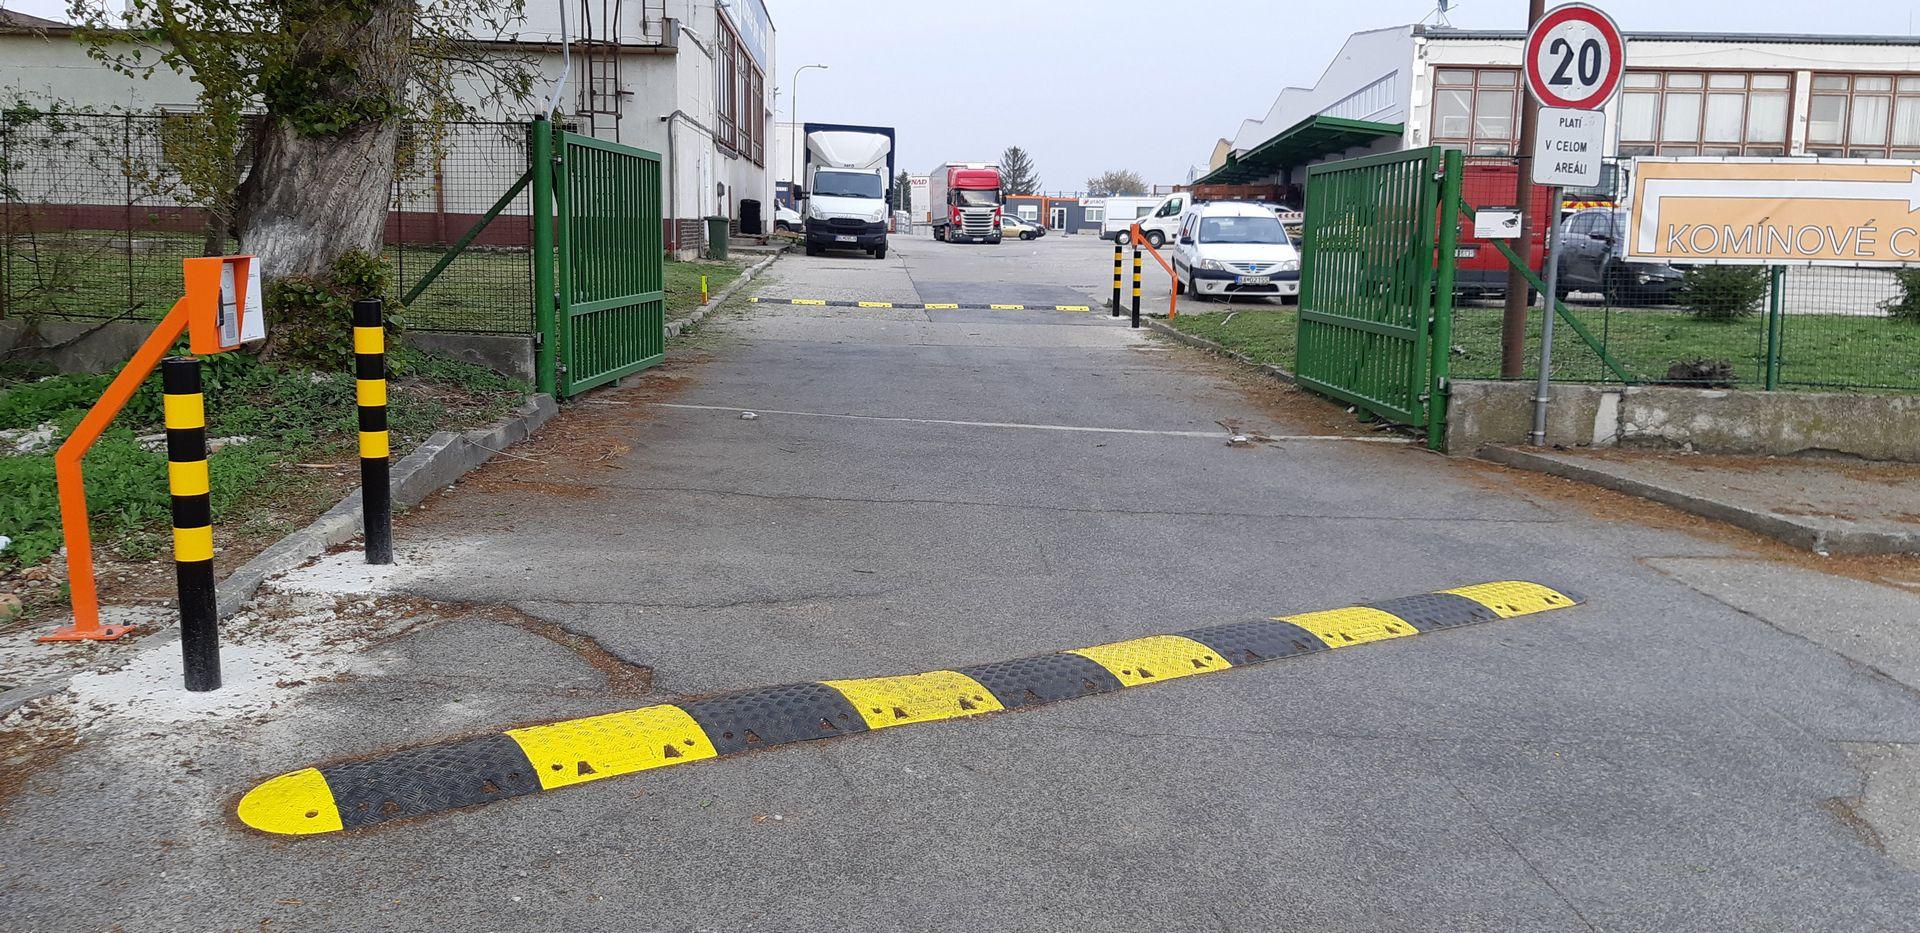 Spomaľovací prah a zábrany, Bratislava 2019